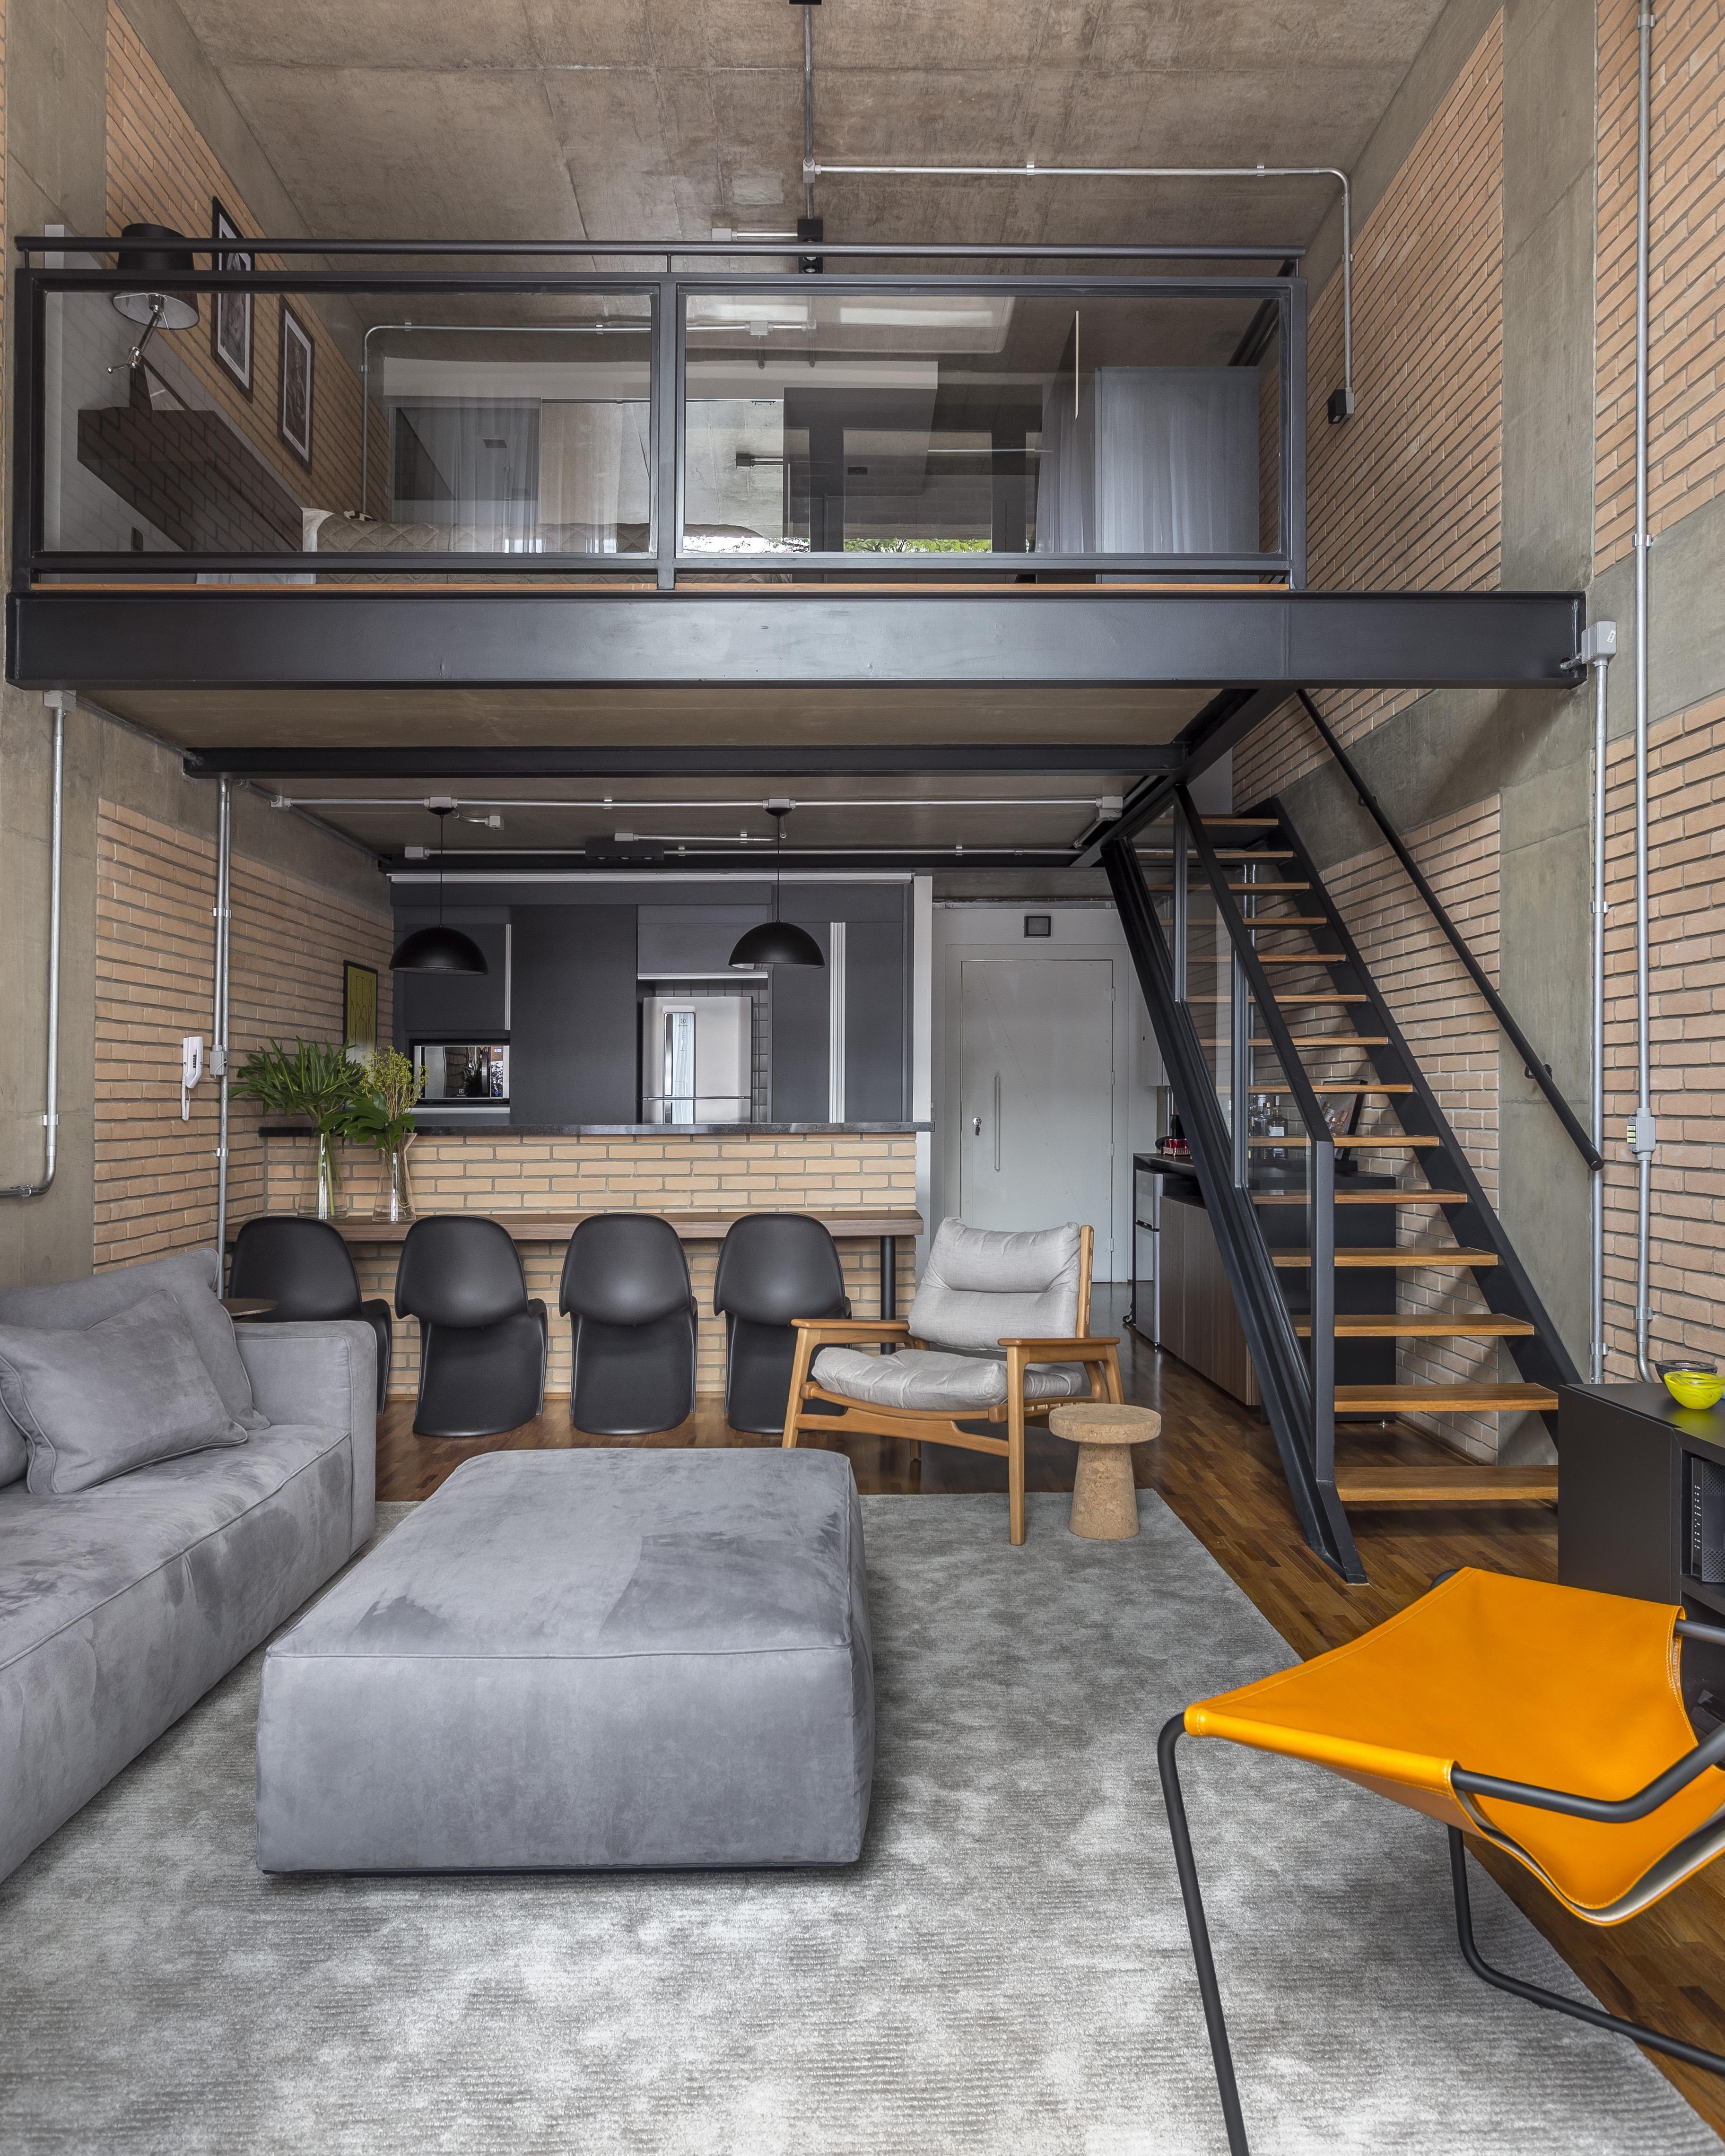 Escada reta, em L ou caracol? Saiba qual o melhor tipo para a sua casa (Foto: Divulgação)